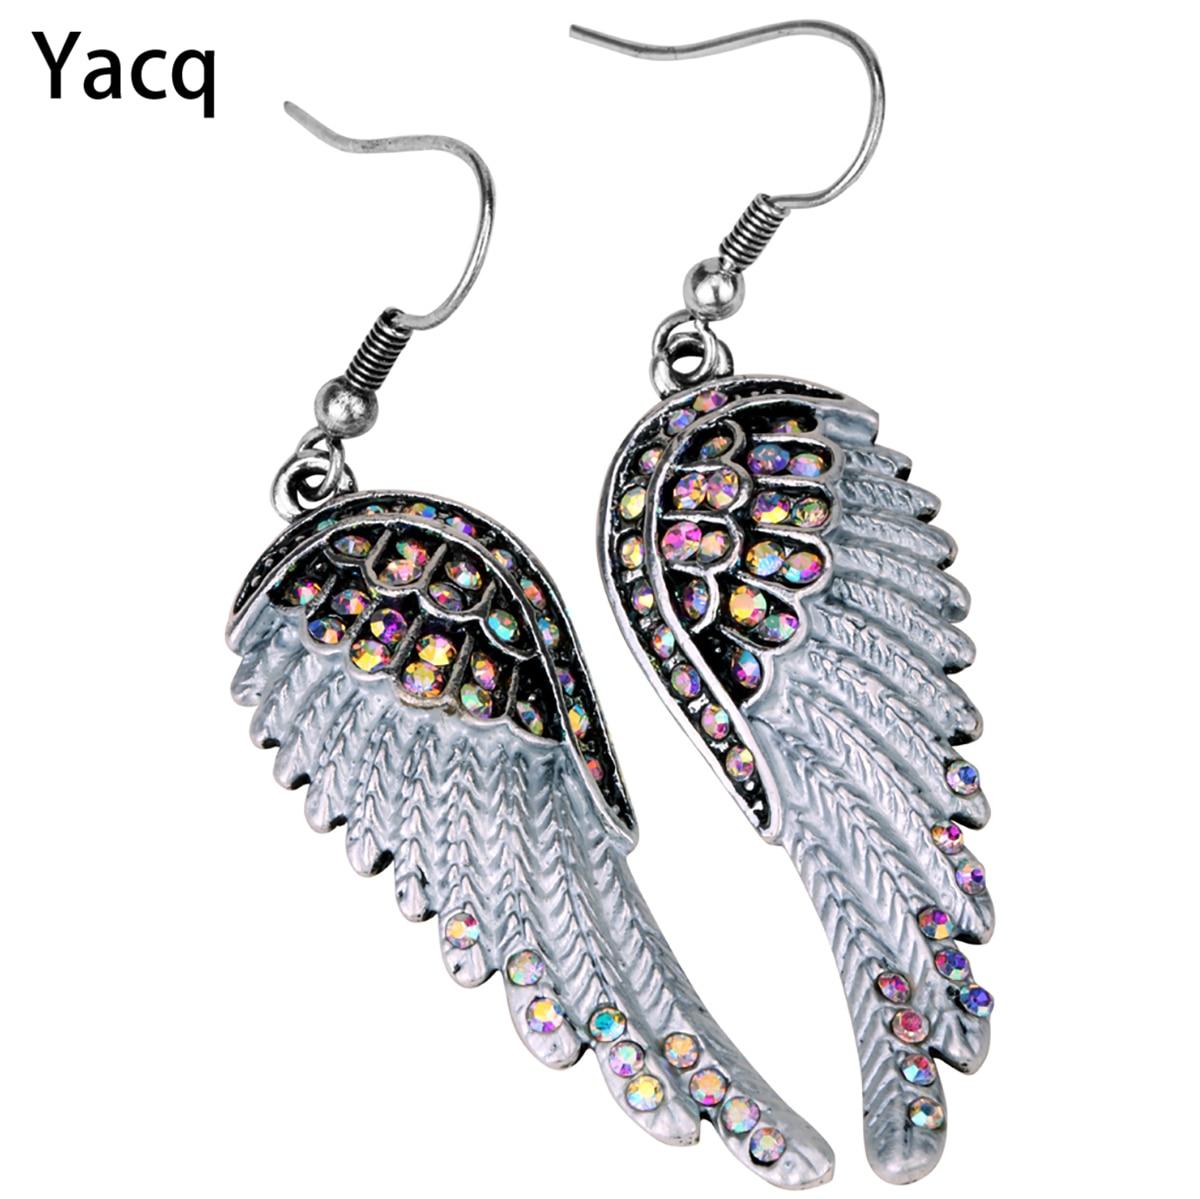 Skrzydła anioła dangle kolczyki antyczne złoto srebro kolor W kryształ kobiety dziewczyny biker bling biżuteria prezent hurtownie dropshipping EC23